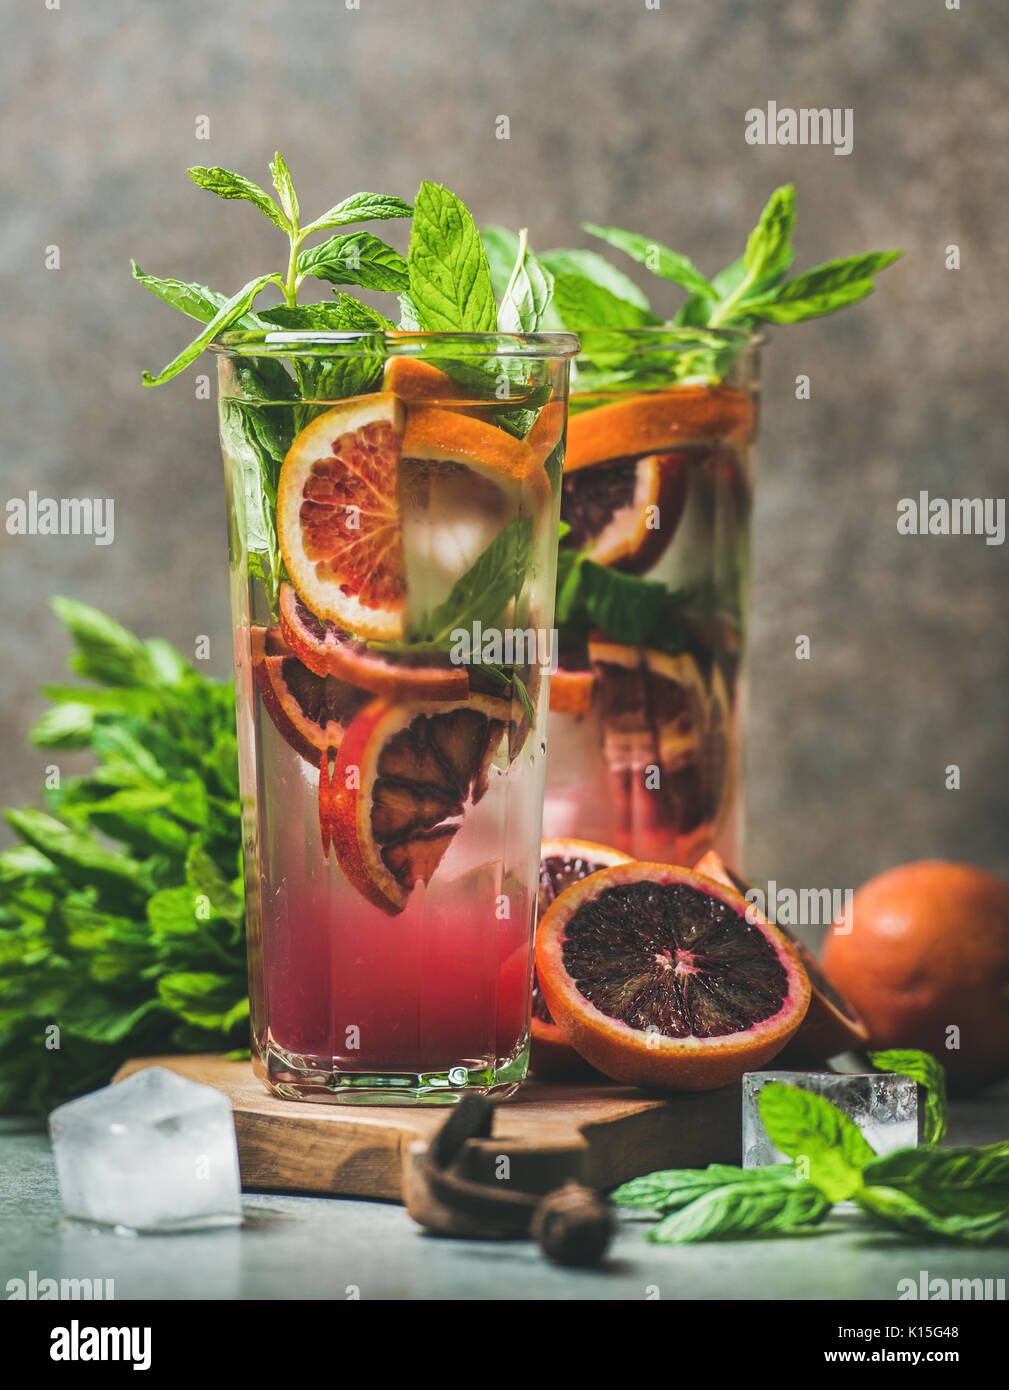 La sangre de color naranja Citrus limonada con menta y hielo Imagen De Stock